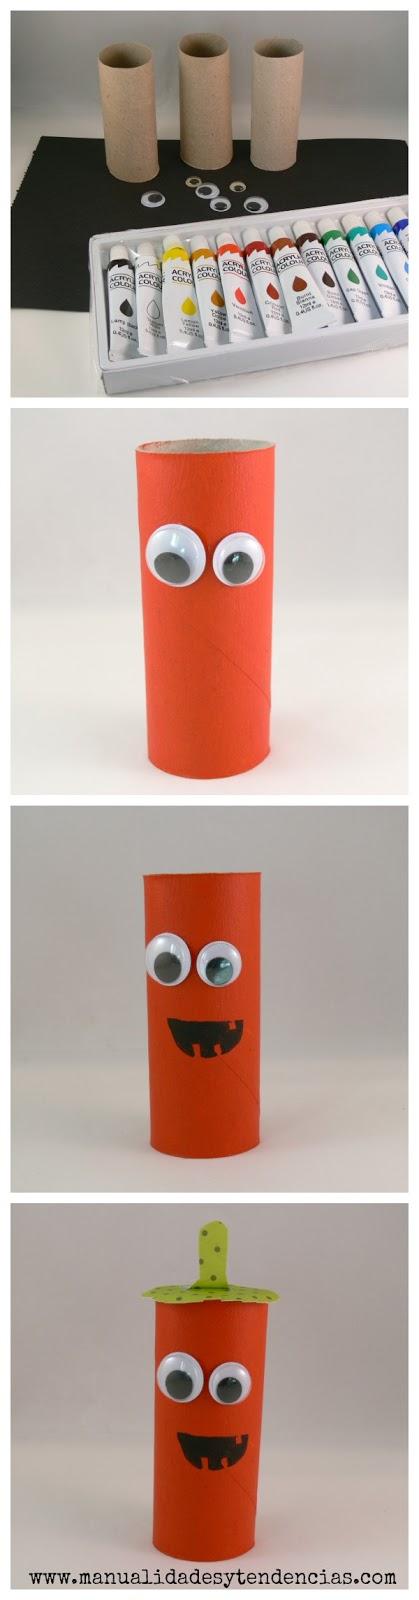 Cómo hacer una calabaza con rollos de papel higiénico